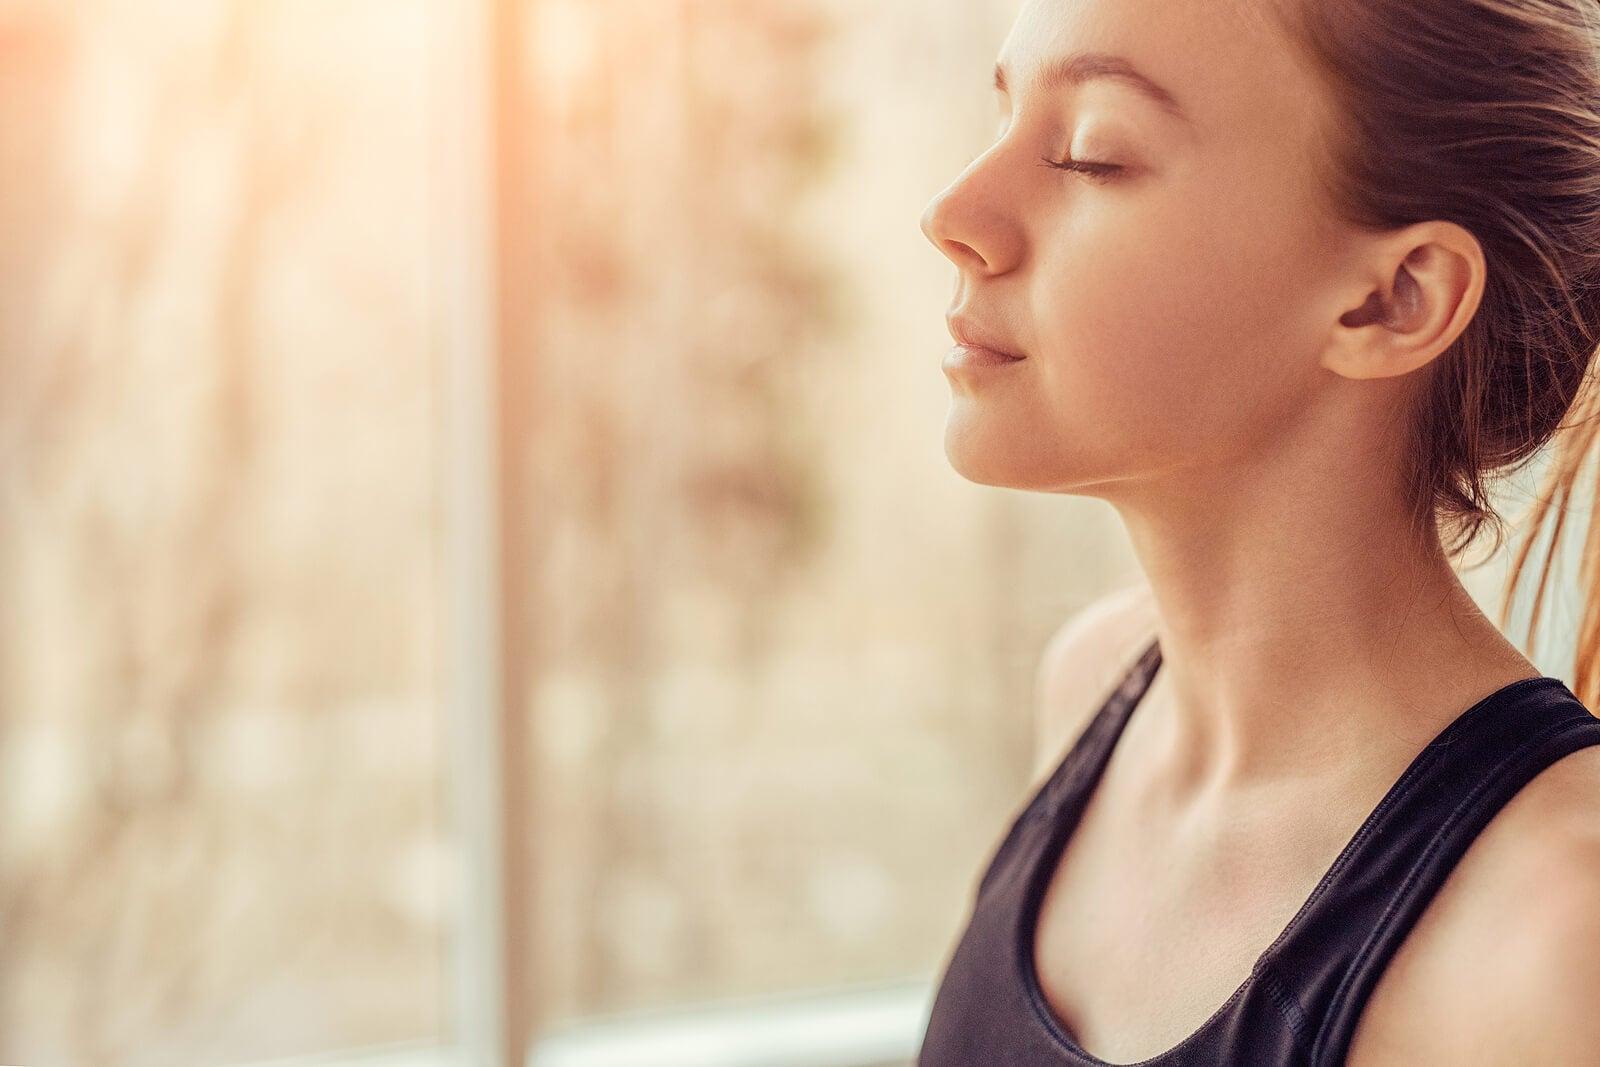 6 formas de cuidar el cuerpo para lograr un equilibrio físico y mental